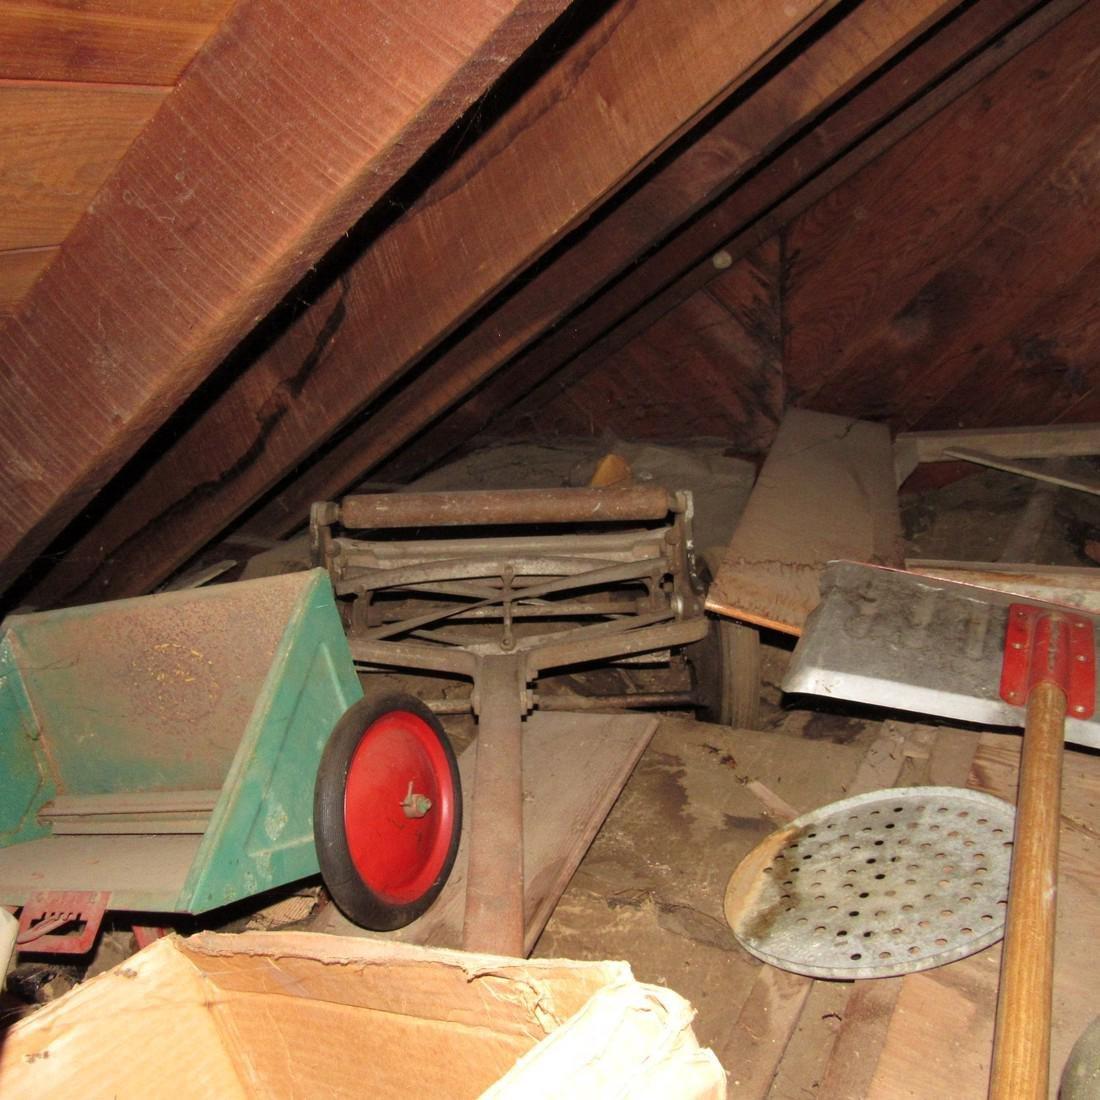 Contents of Top of Garage Mower Wood Door - 6